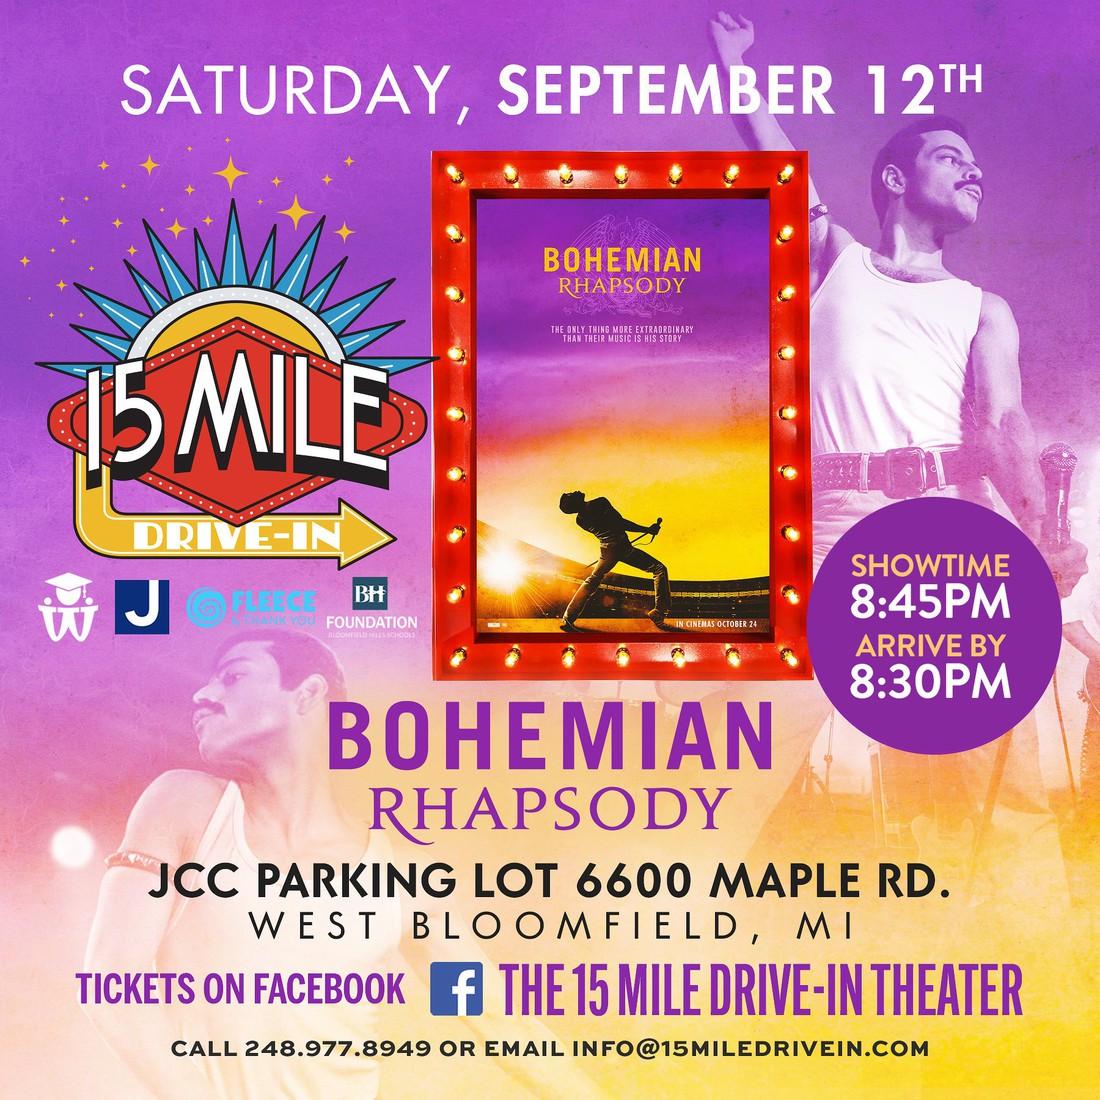 Bohemian Rhapsody ticket link 15 mile Drive In